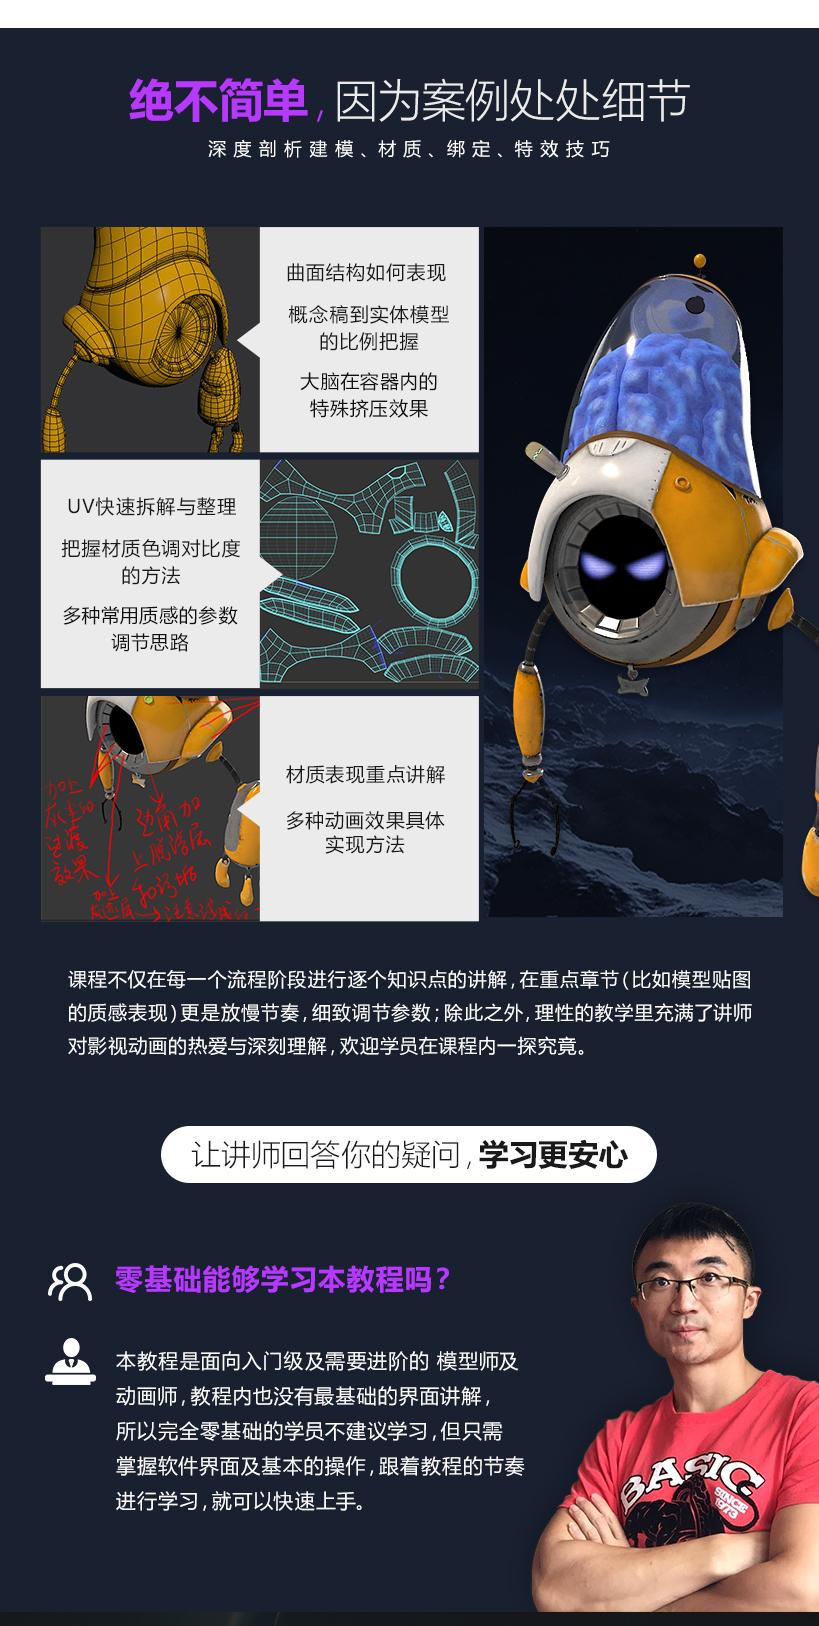 MAX科幻角色819-动画绑定篇_06.jpg